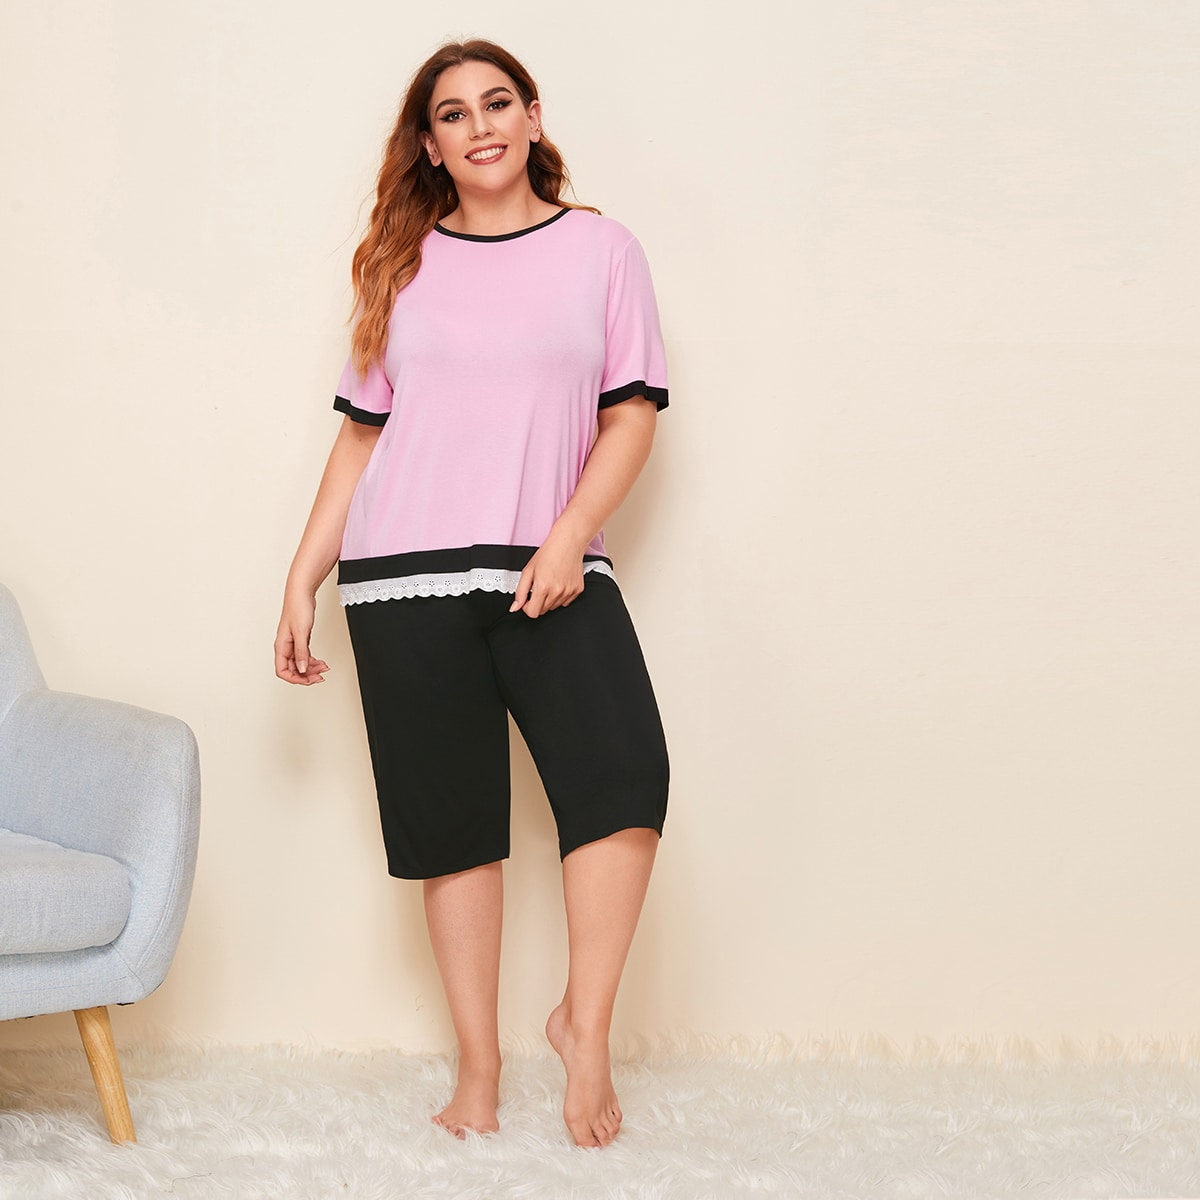 Пижама размера плюс с вышивкой и спущенным рукавом фото